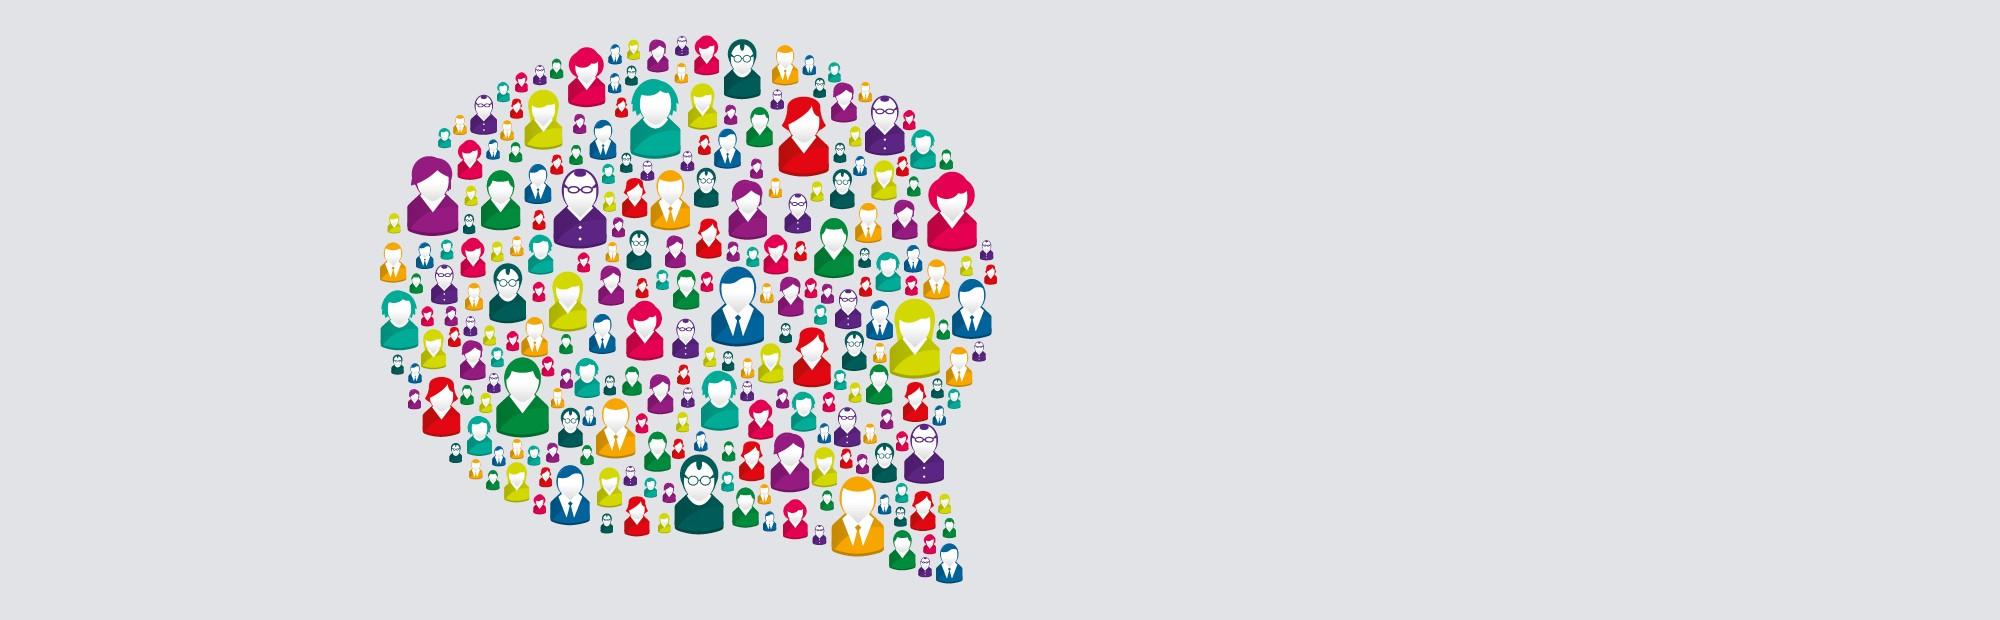 Zu sehen ist eine Sprechblase, die sich aus vielen einzelnen Personen zusammensetzt.